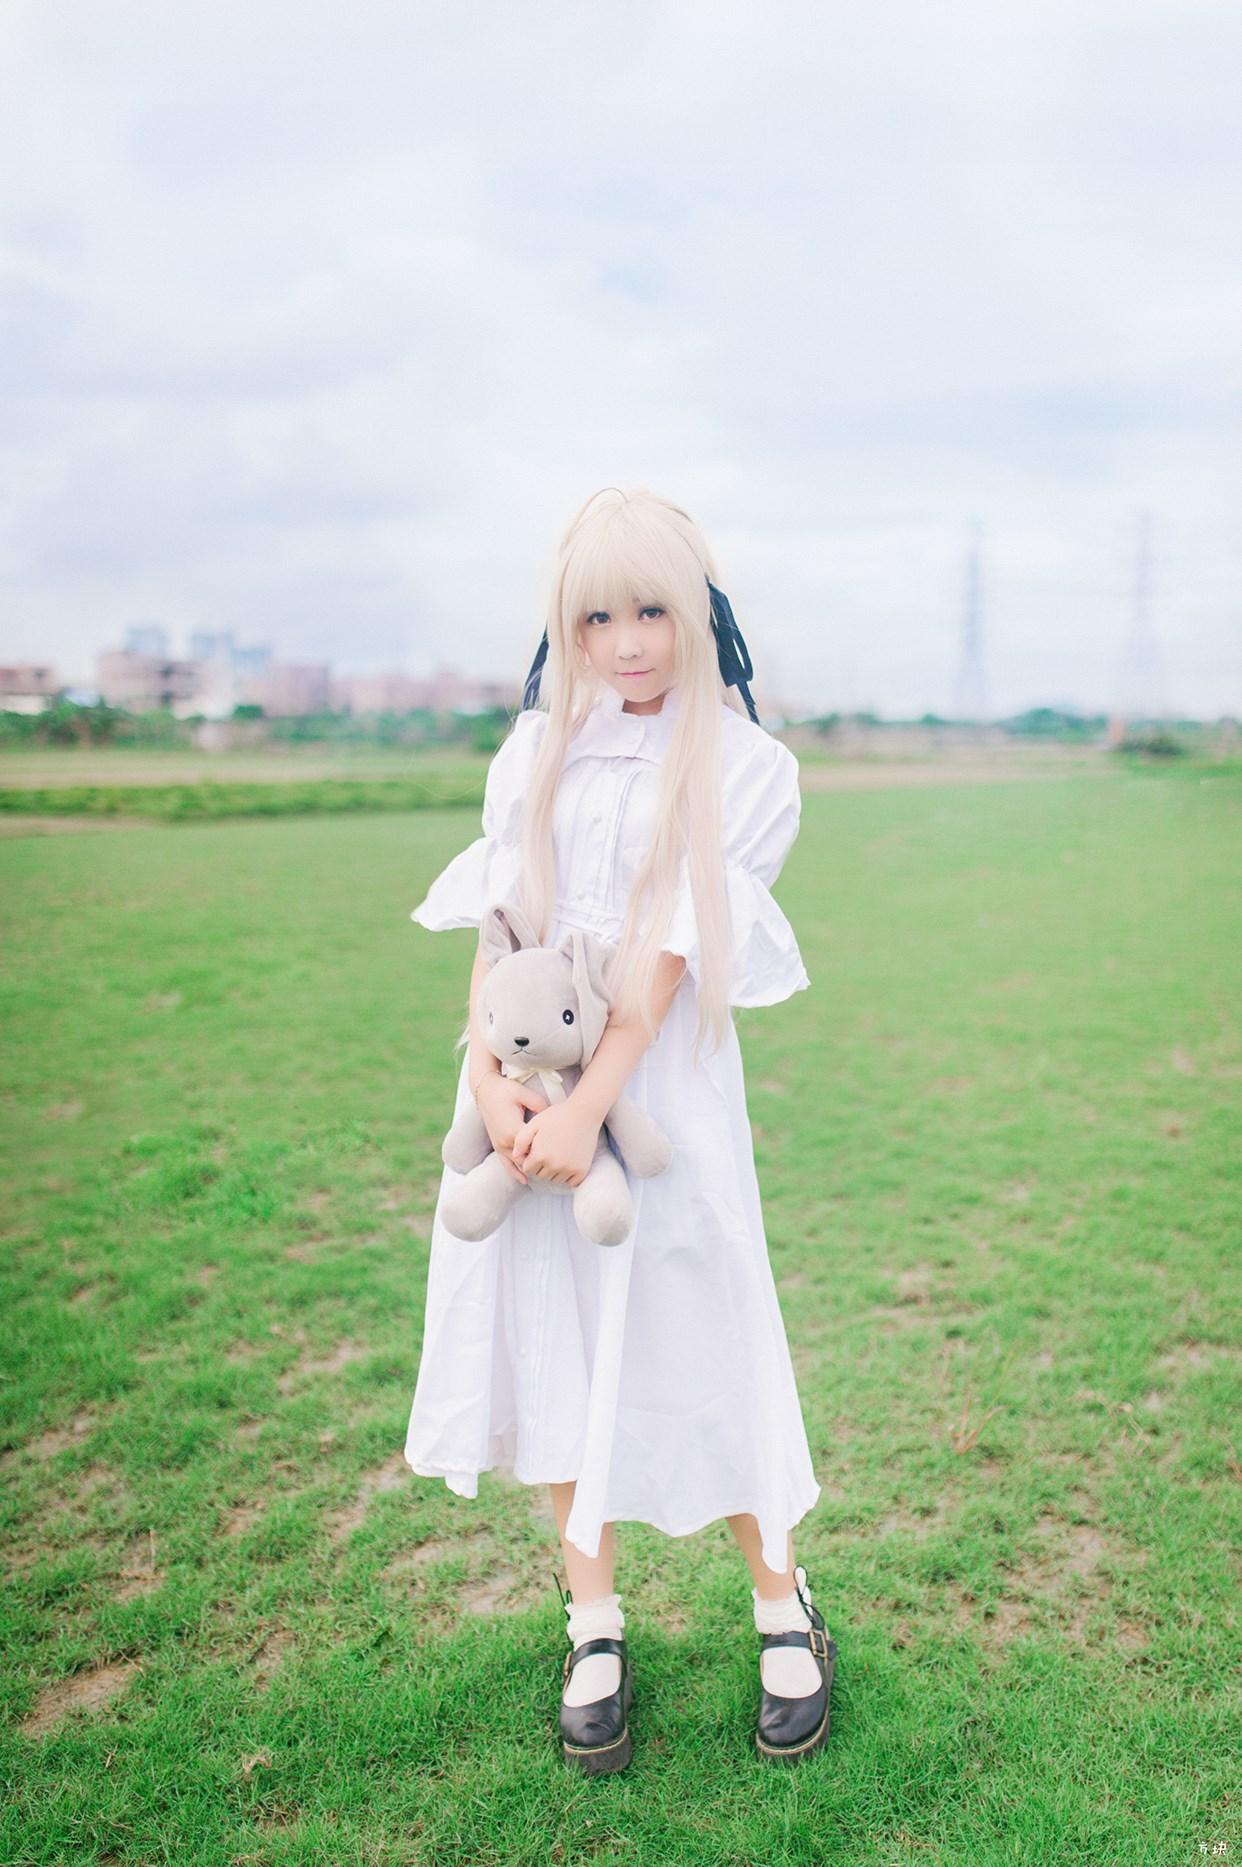 【兔玩映画】穹妹 兔玩映画 第6张